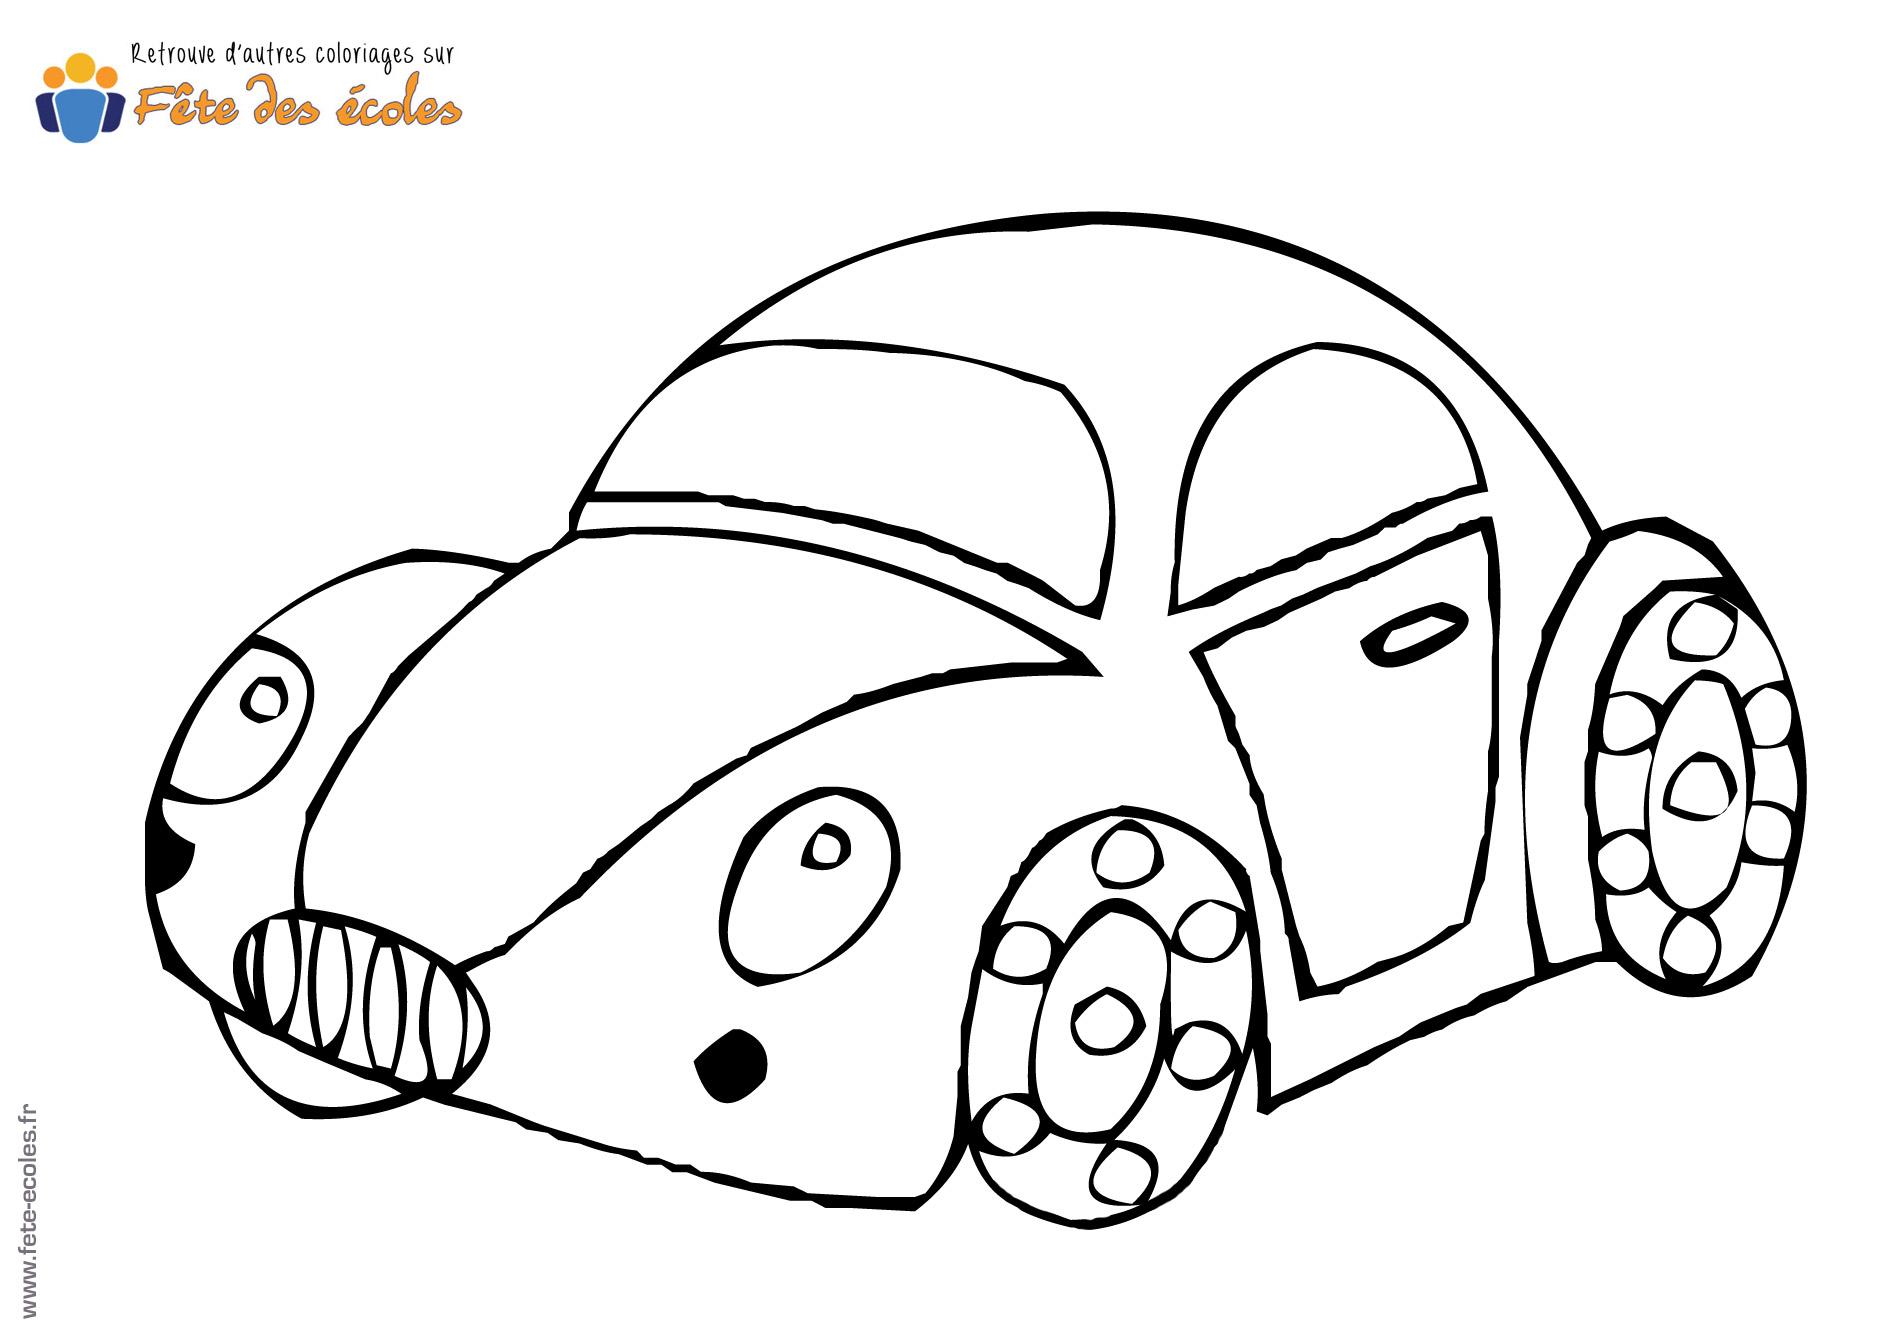 Coloriage Coccinelle Volkswagen.La Voiture Coccinelle